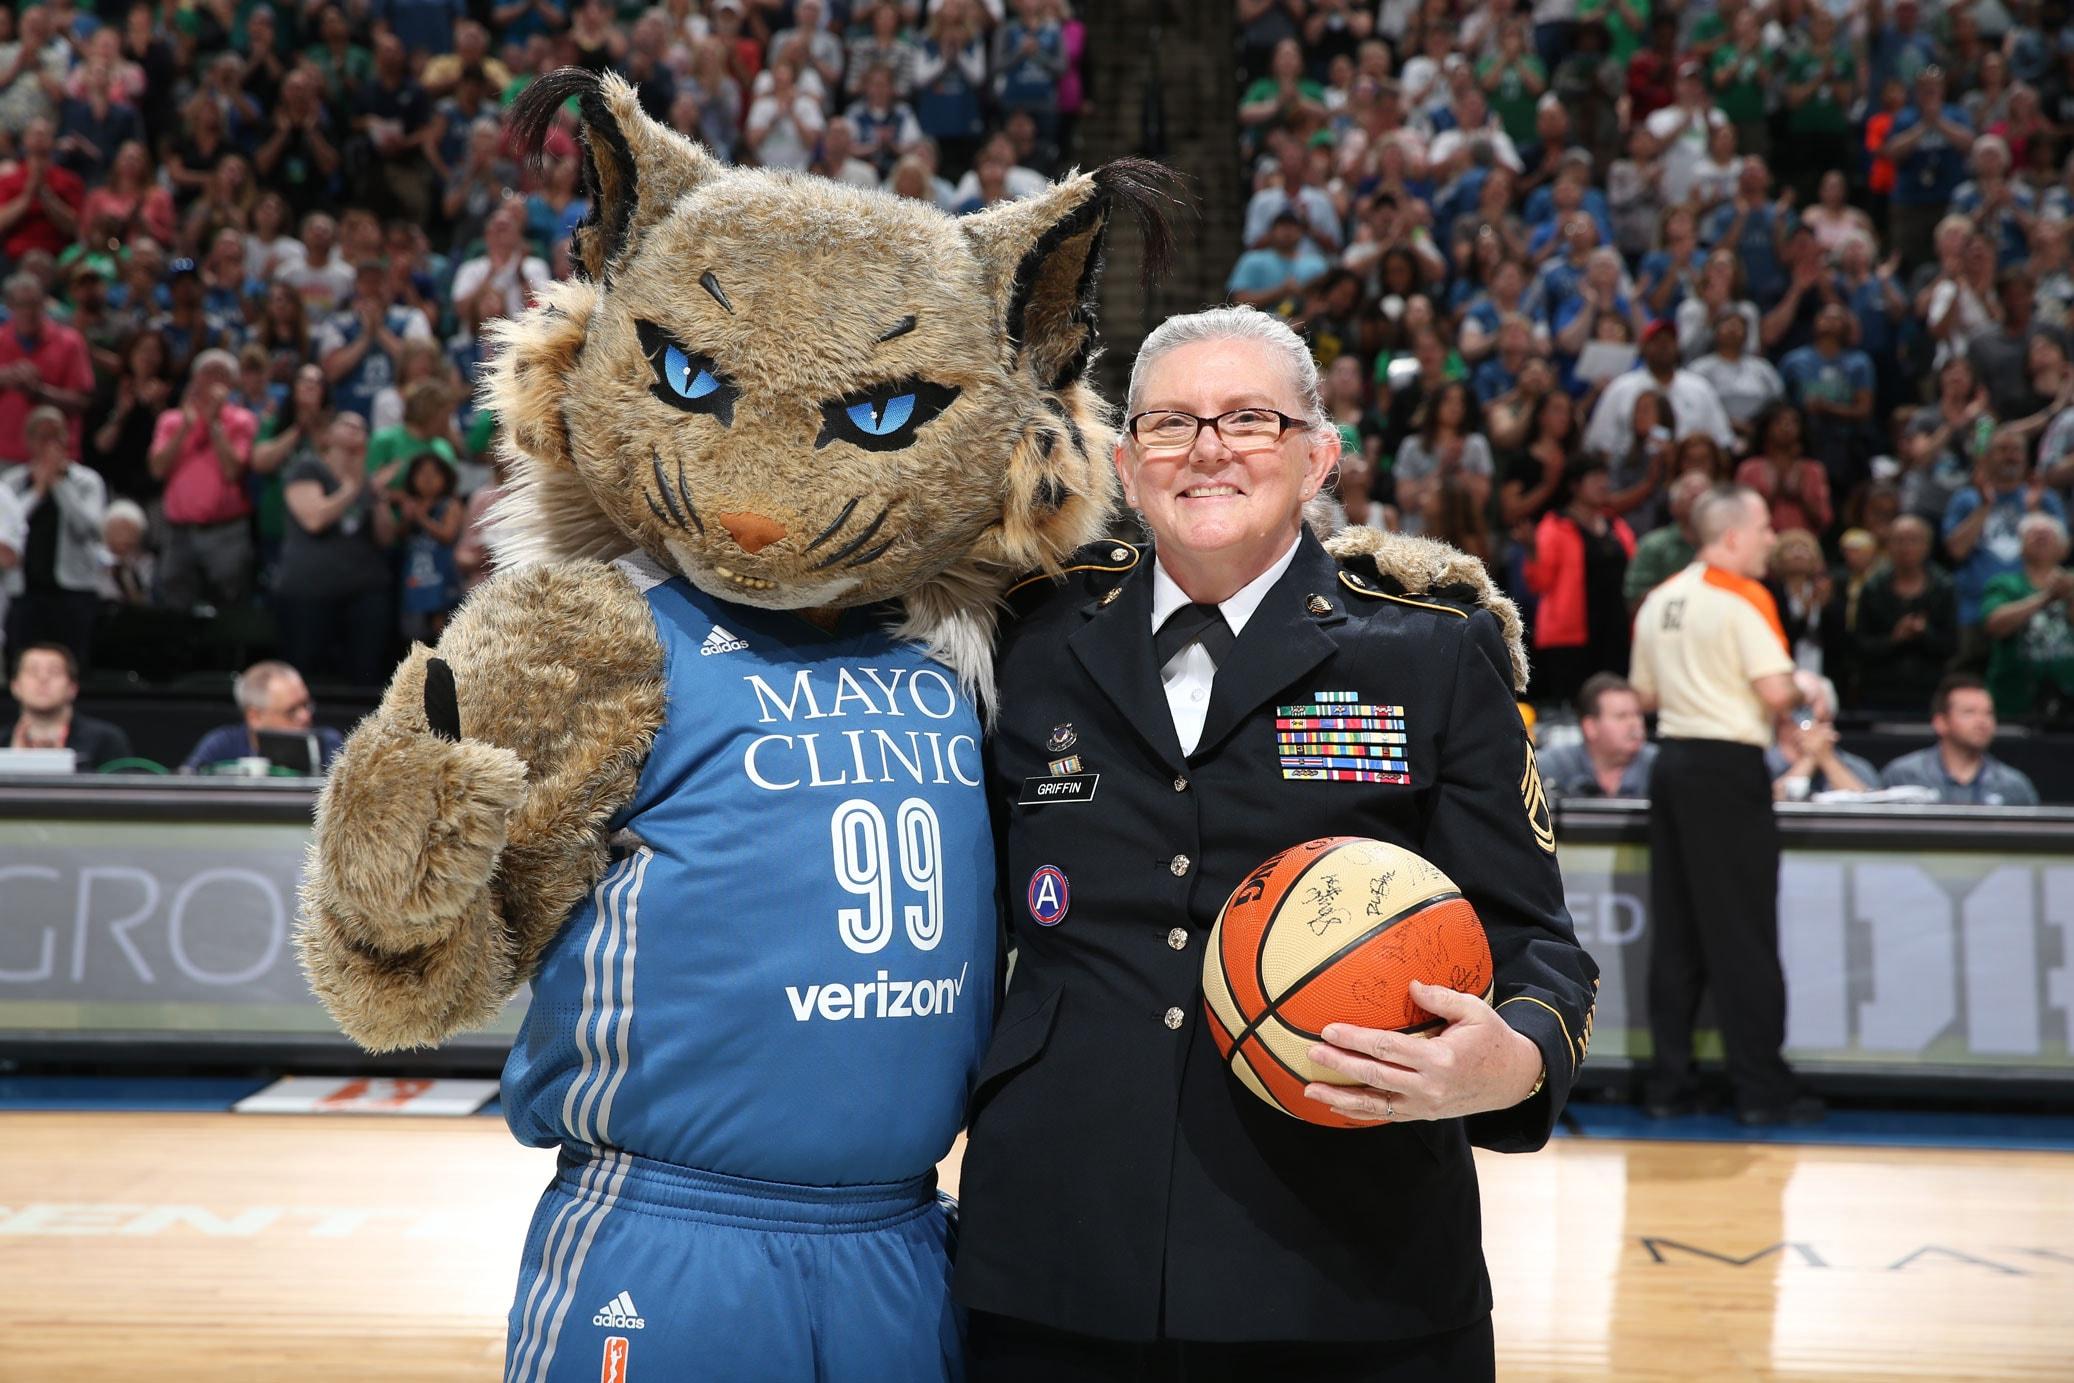 Honoring Sergeant First Class Deanna Griffin